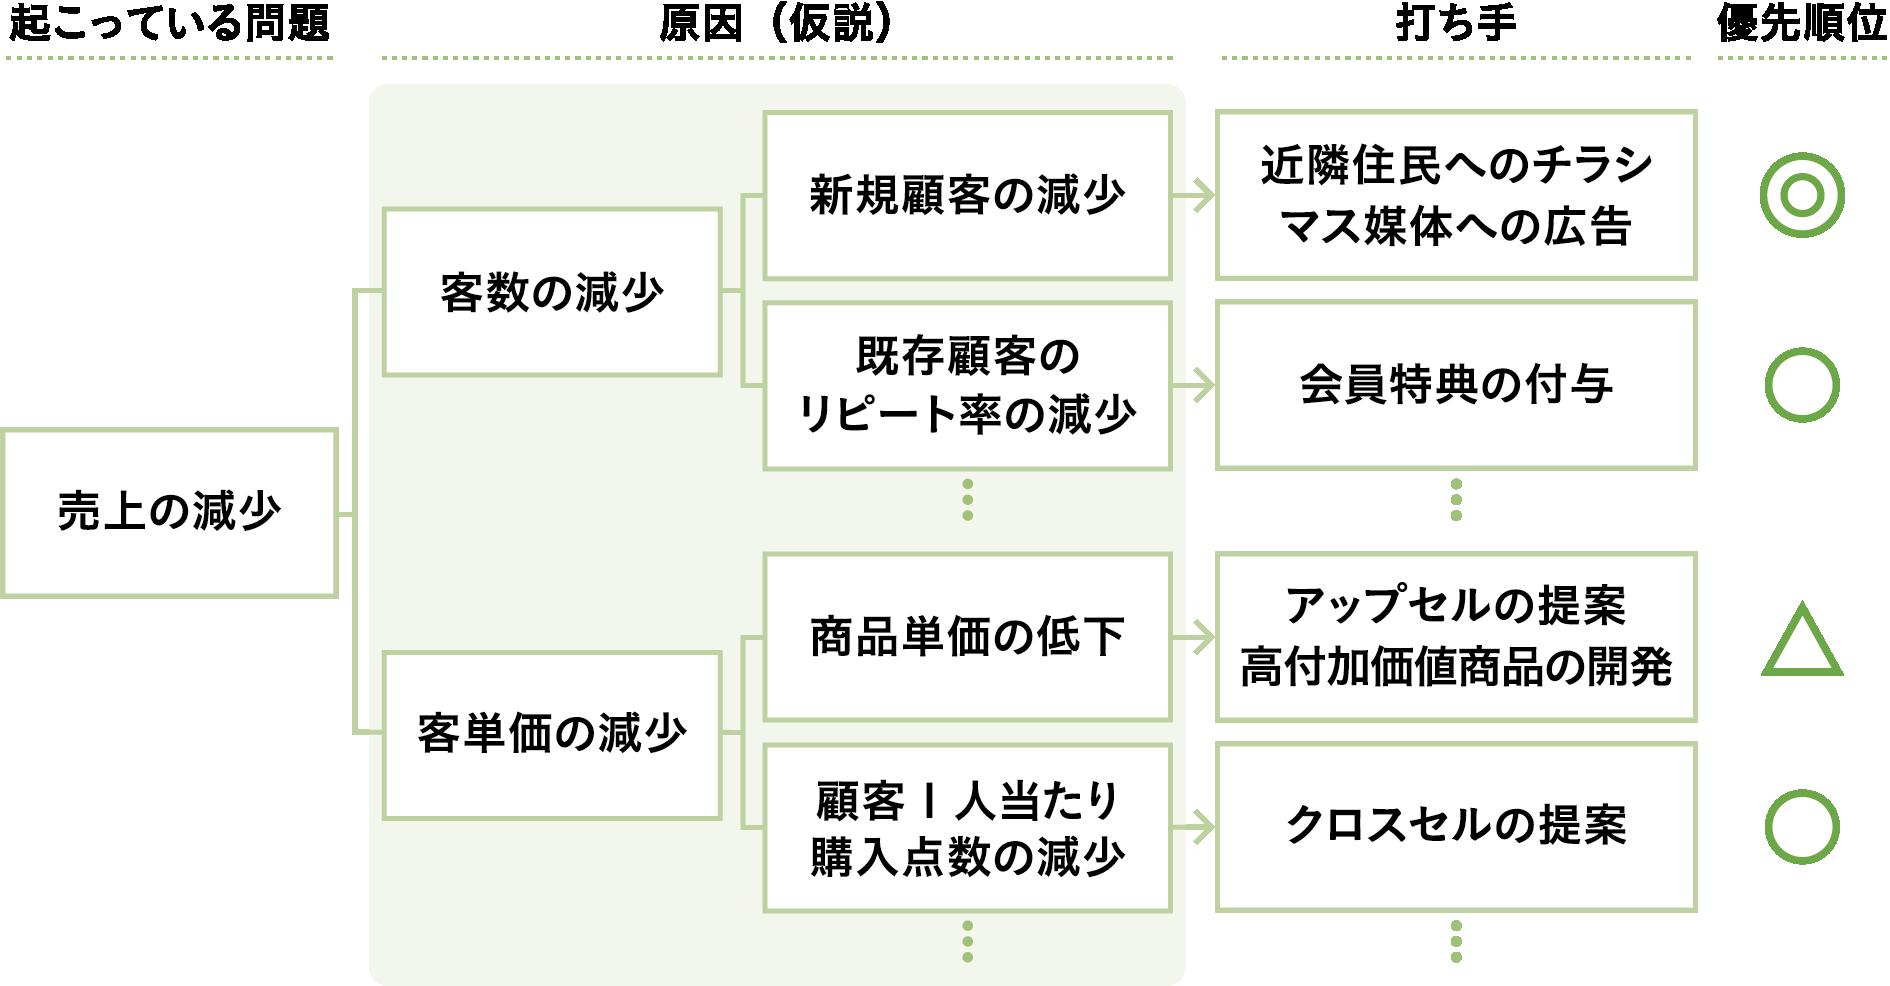 図表1 複数の仮説の中から優先順位をつける